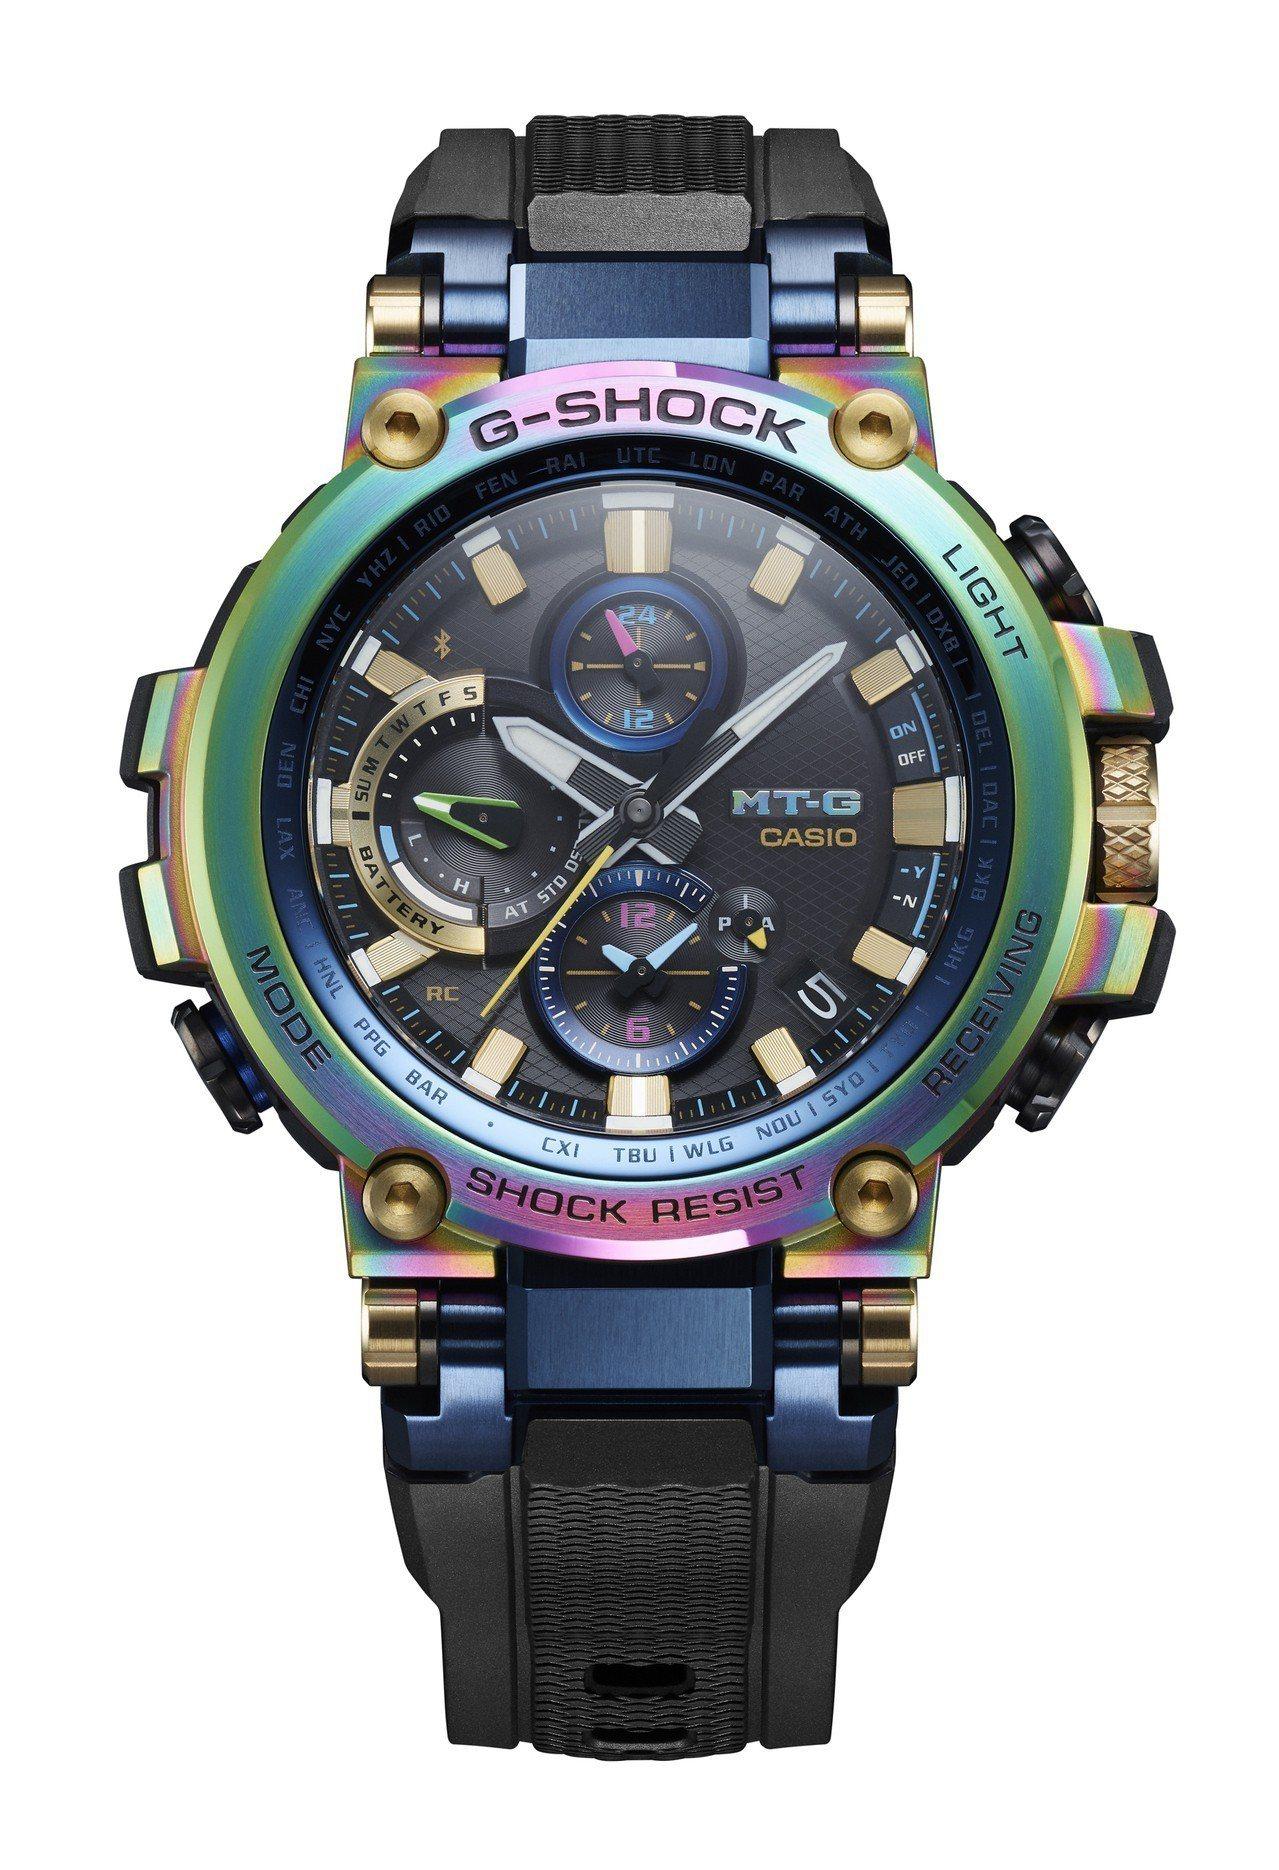 G-Shock MTG-B1000RB腕表,不鏽鋼表圈,約32,000元。圖/C...